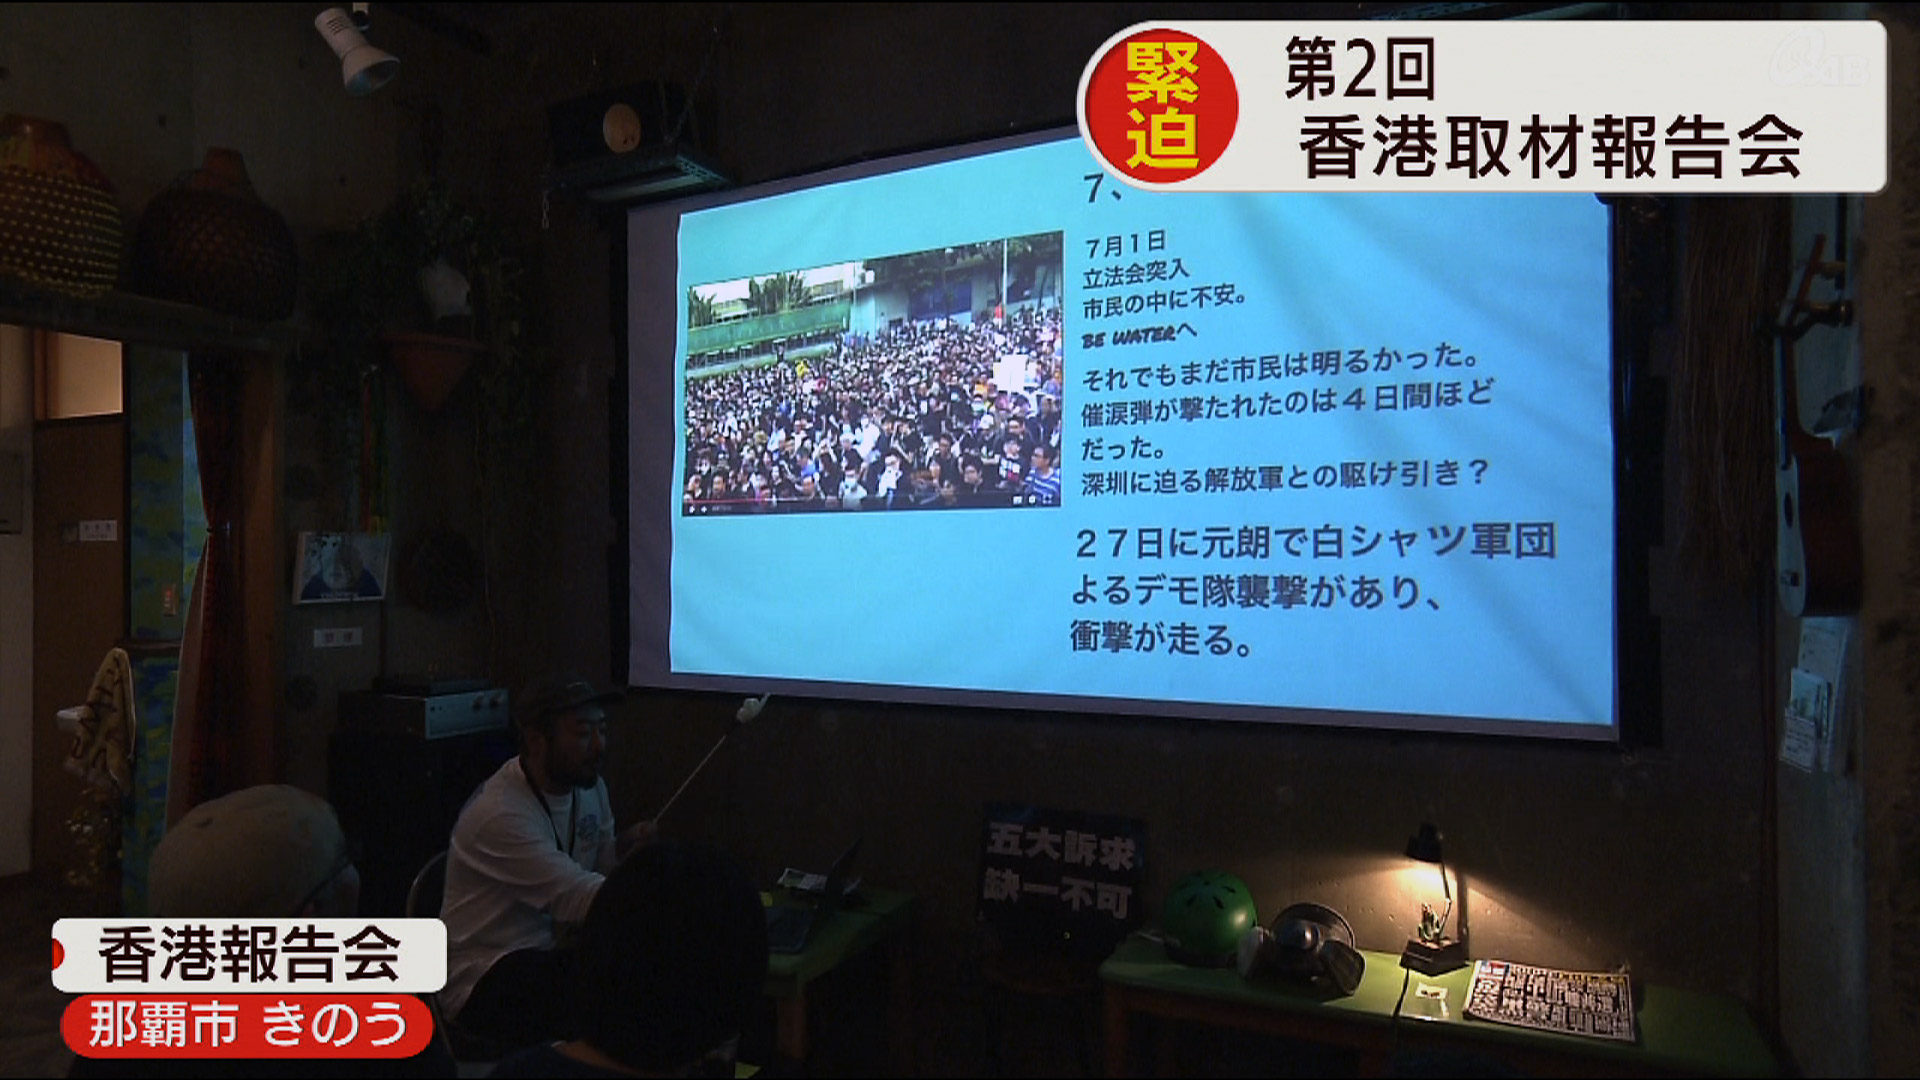 大袈裟太郎さん 香港報告会